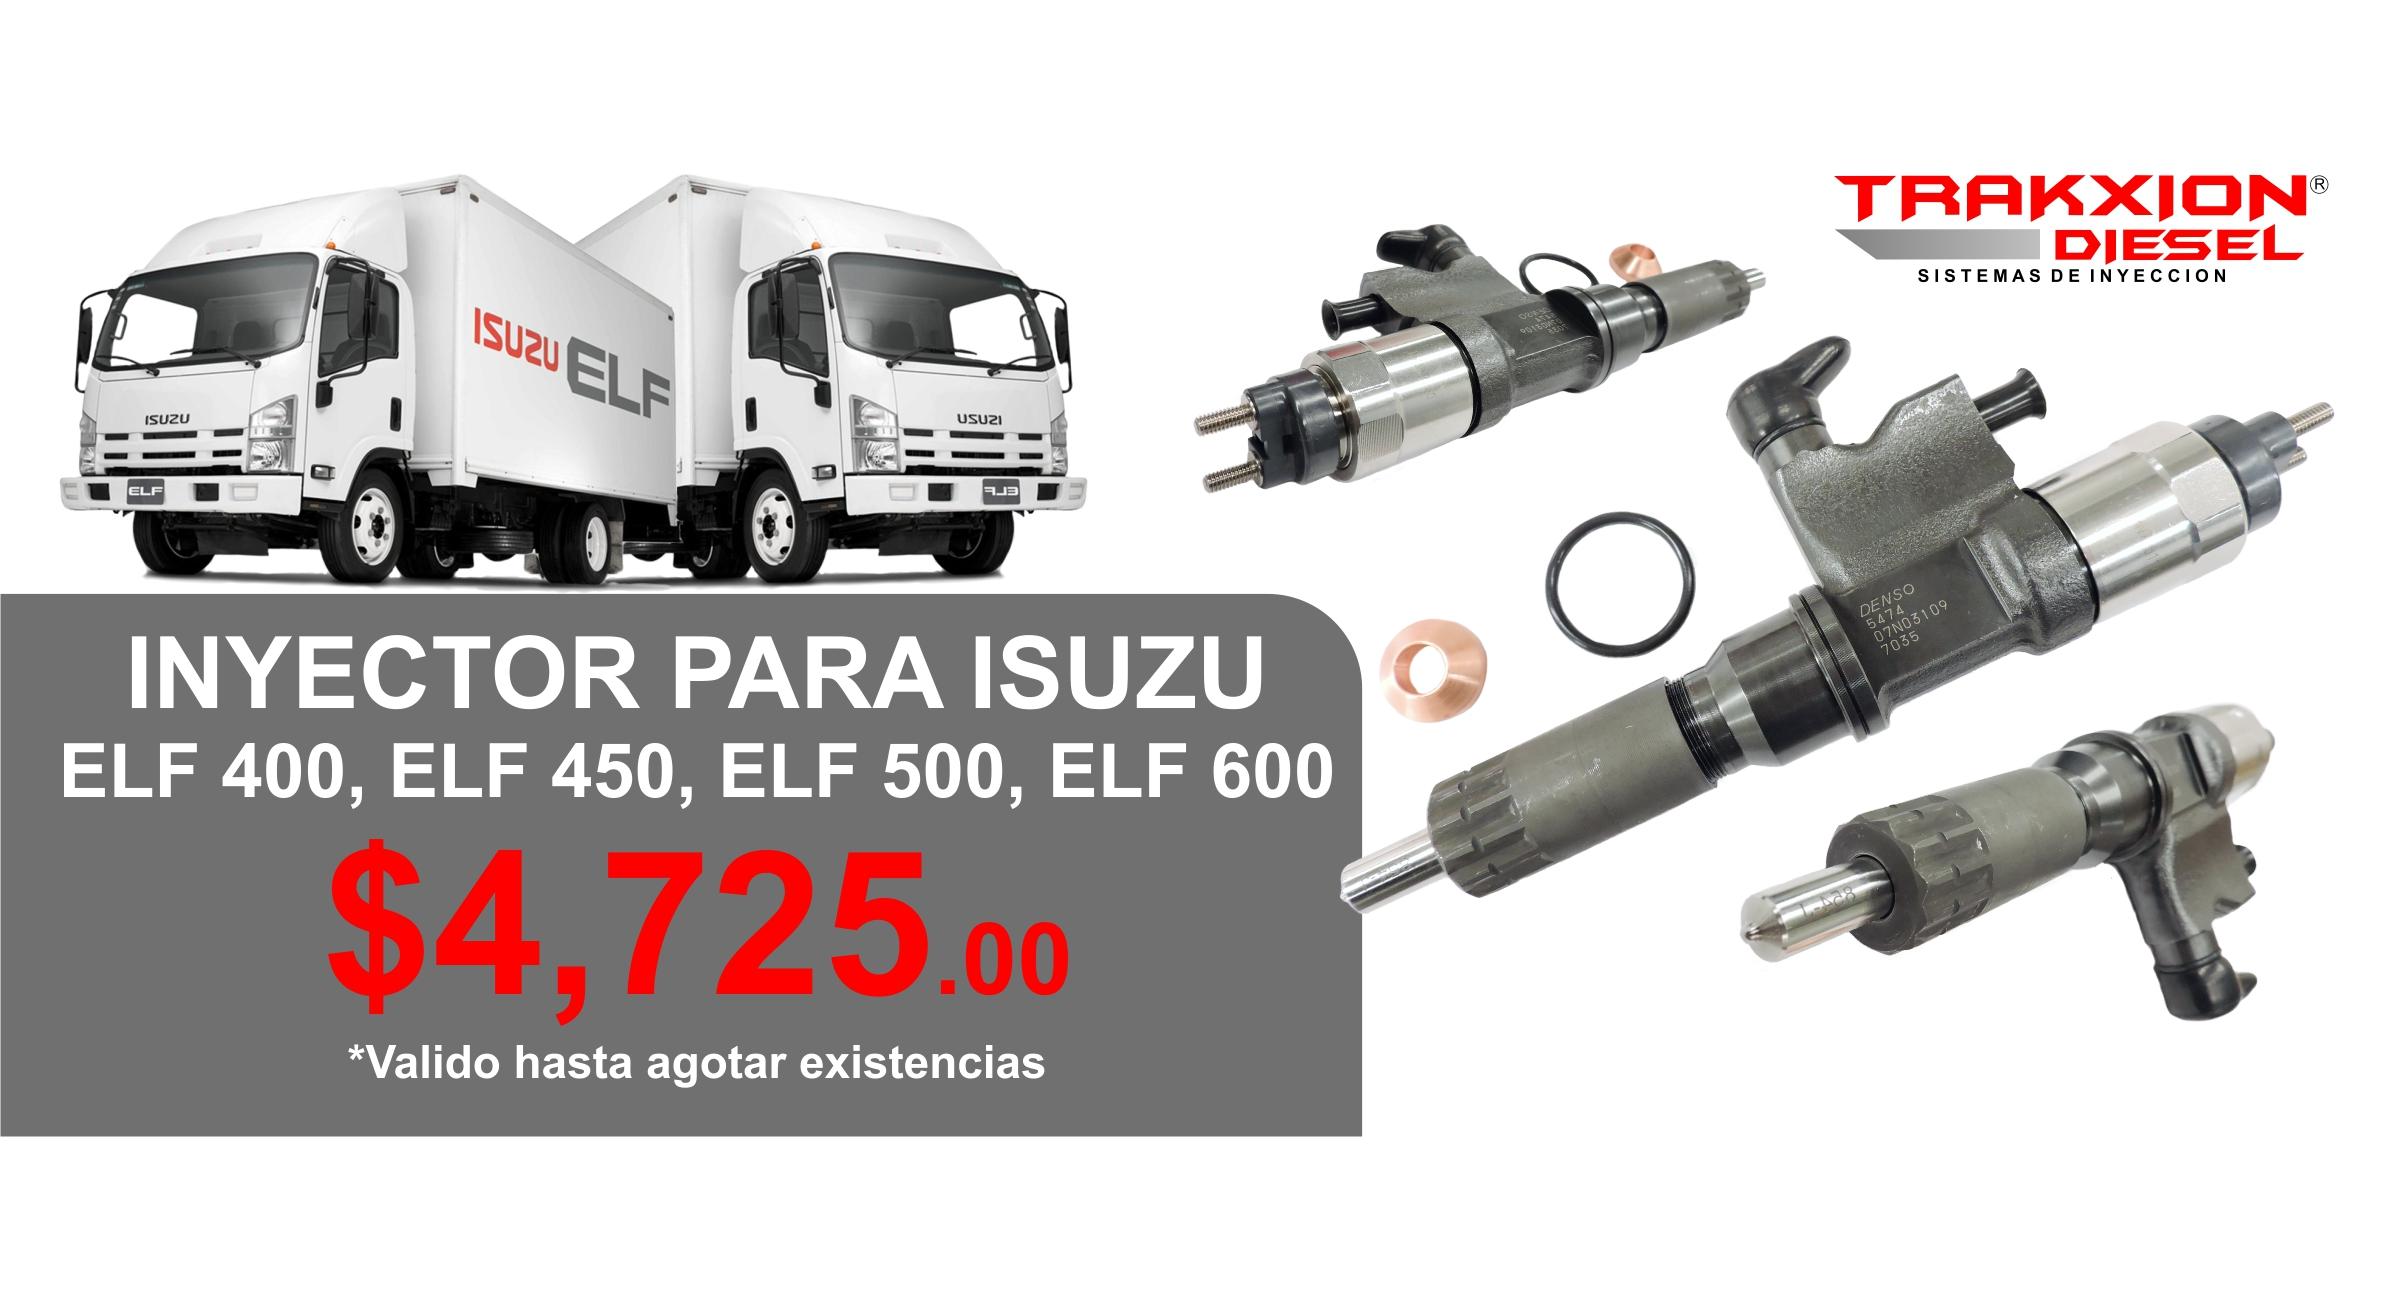 ELF400 ELF500 ELF450 ELF600